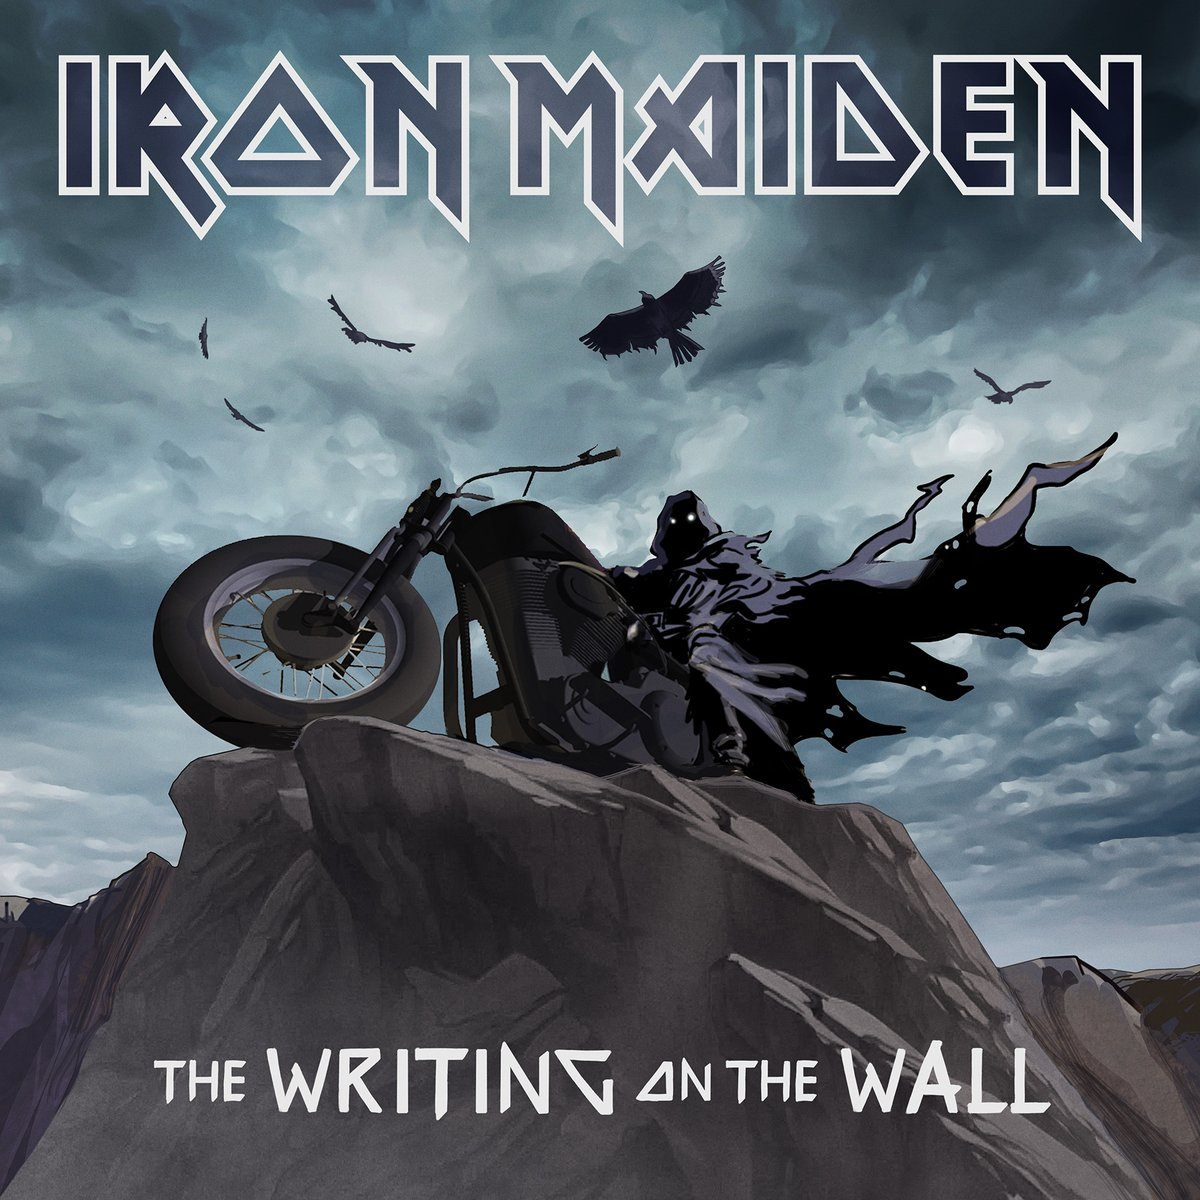 Iron Maiden - Senjutsu (2021) - Página 3 E6YRwuzWEAQw0Ym?format=jpg